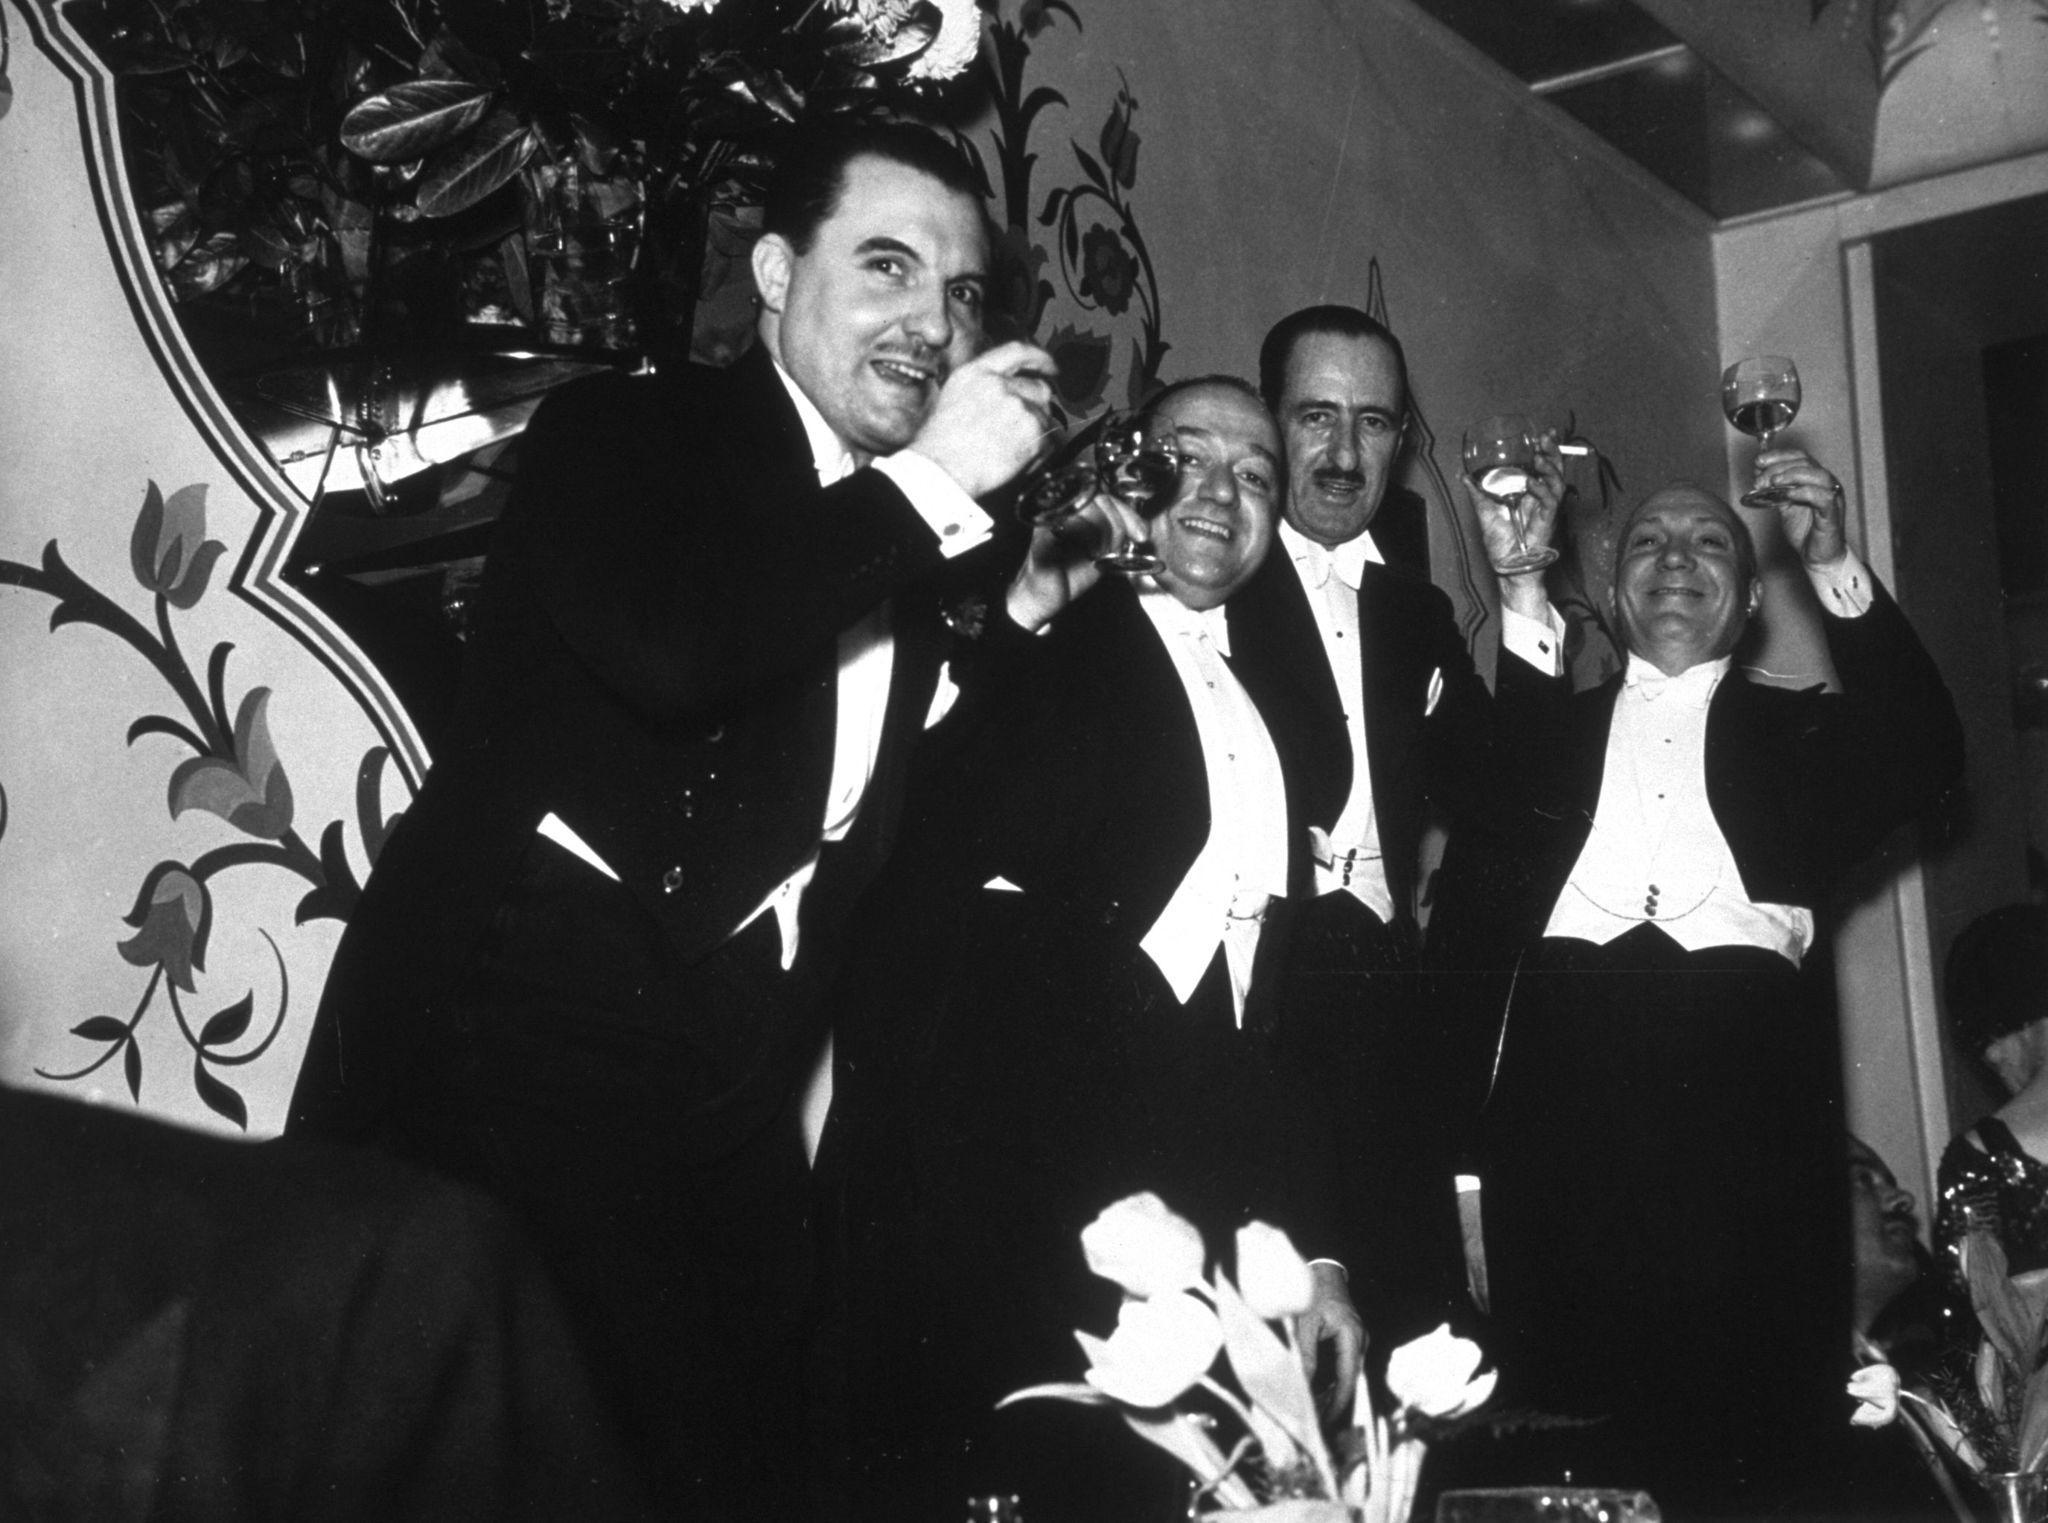 1937. Группа русских мужчин, празднующих Новый год в венгерском ресторане.jpg